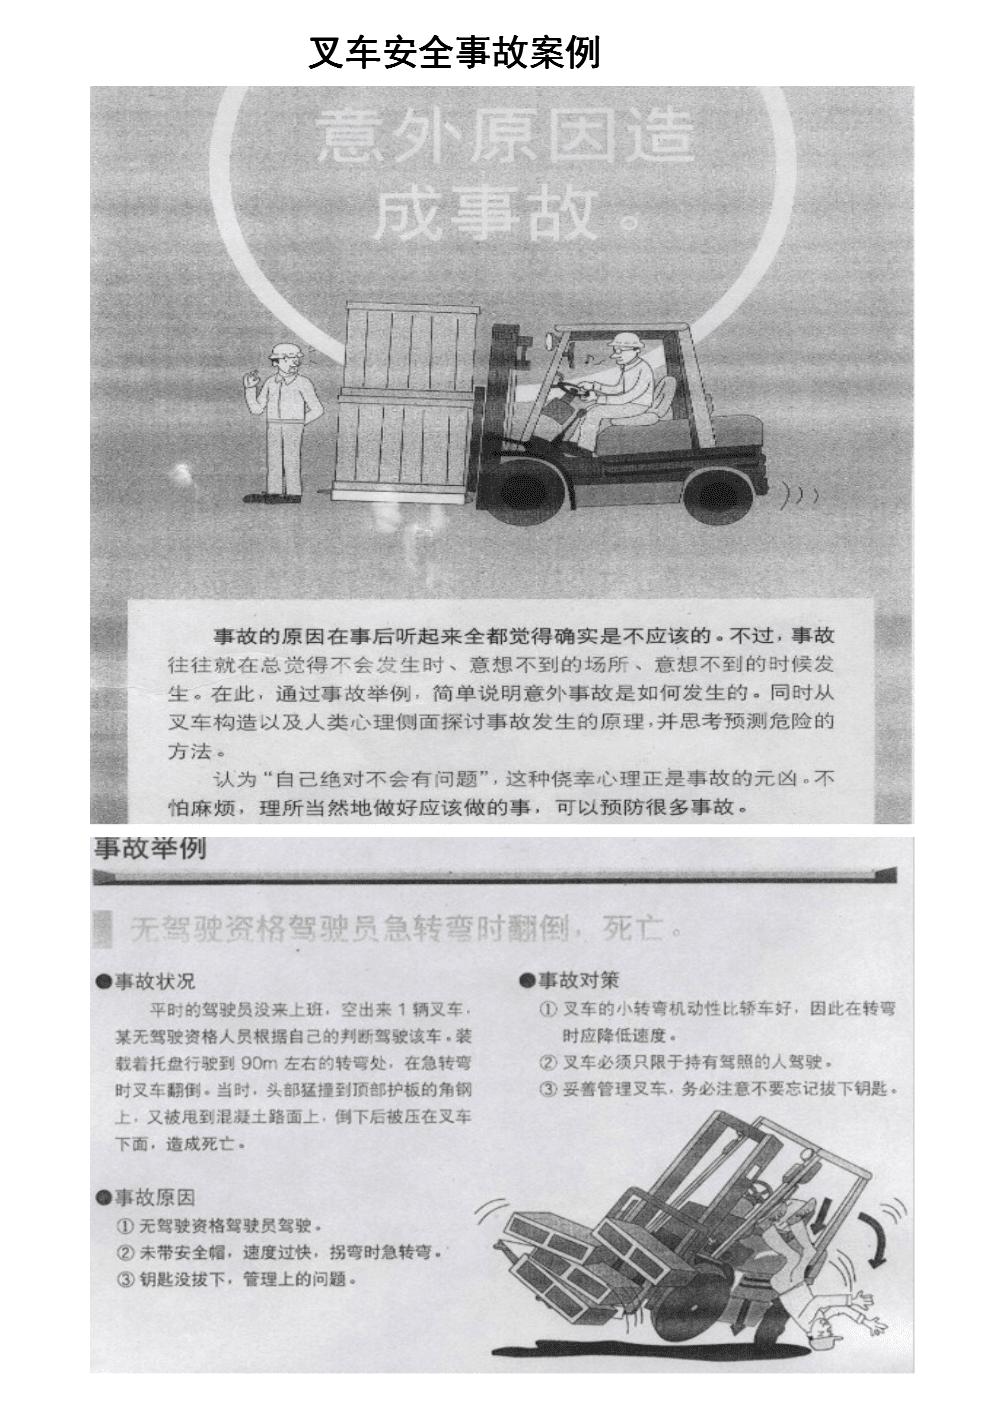 安全生产叉车安全事故案例.doc